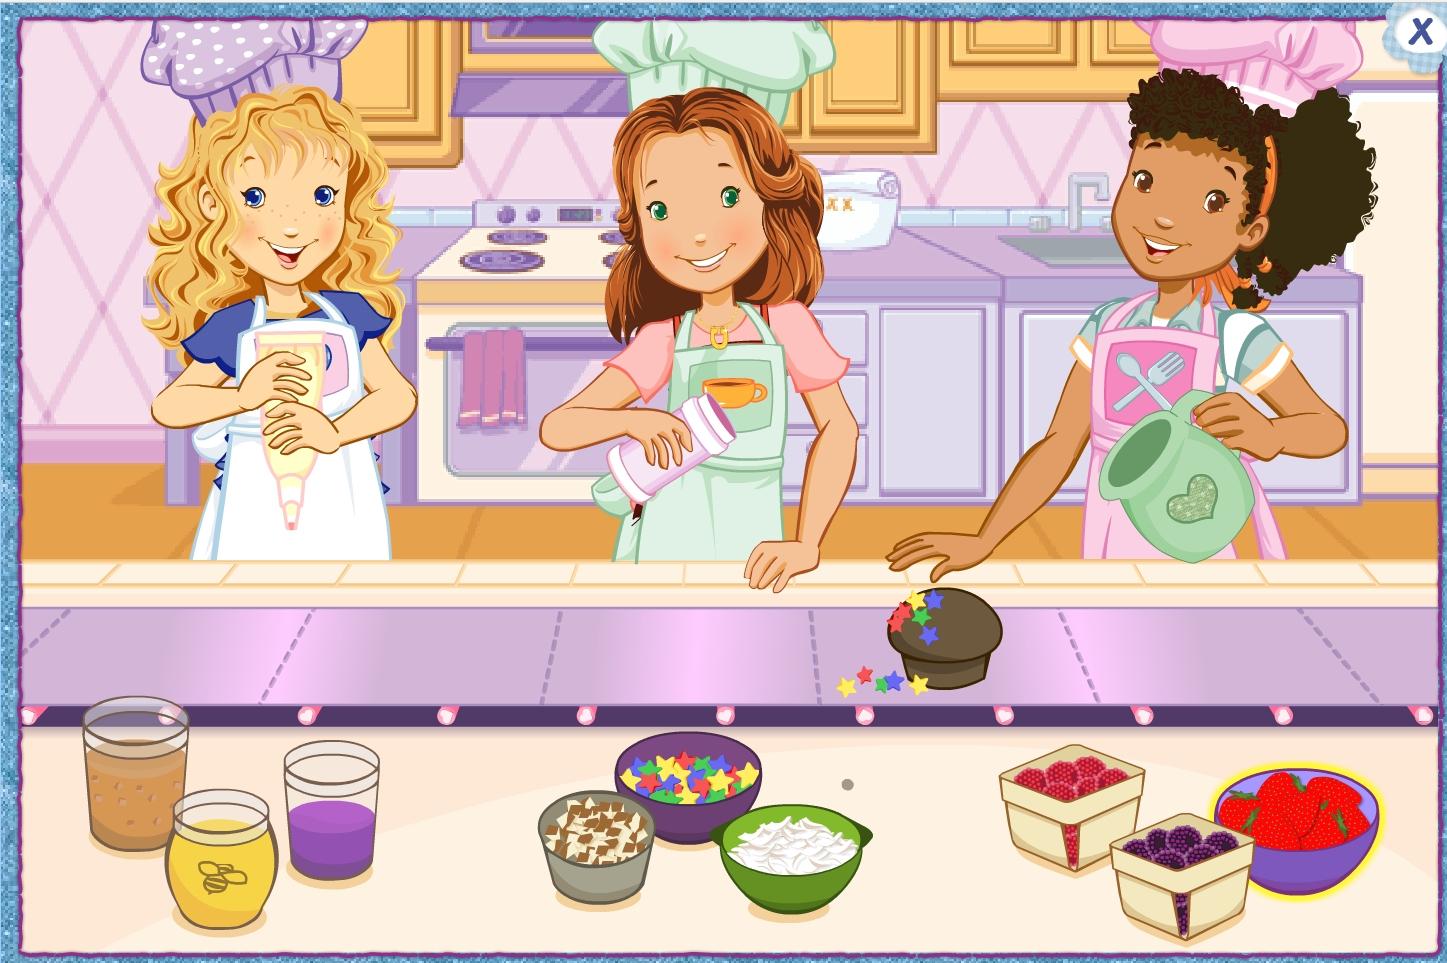 Jeu Fille Cuisine Des Muffins En Ligne Gratuit avec Jeux En Ligne Gratuit Pour Fille